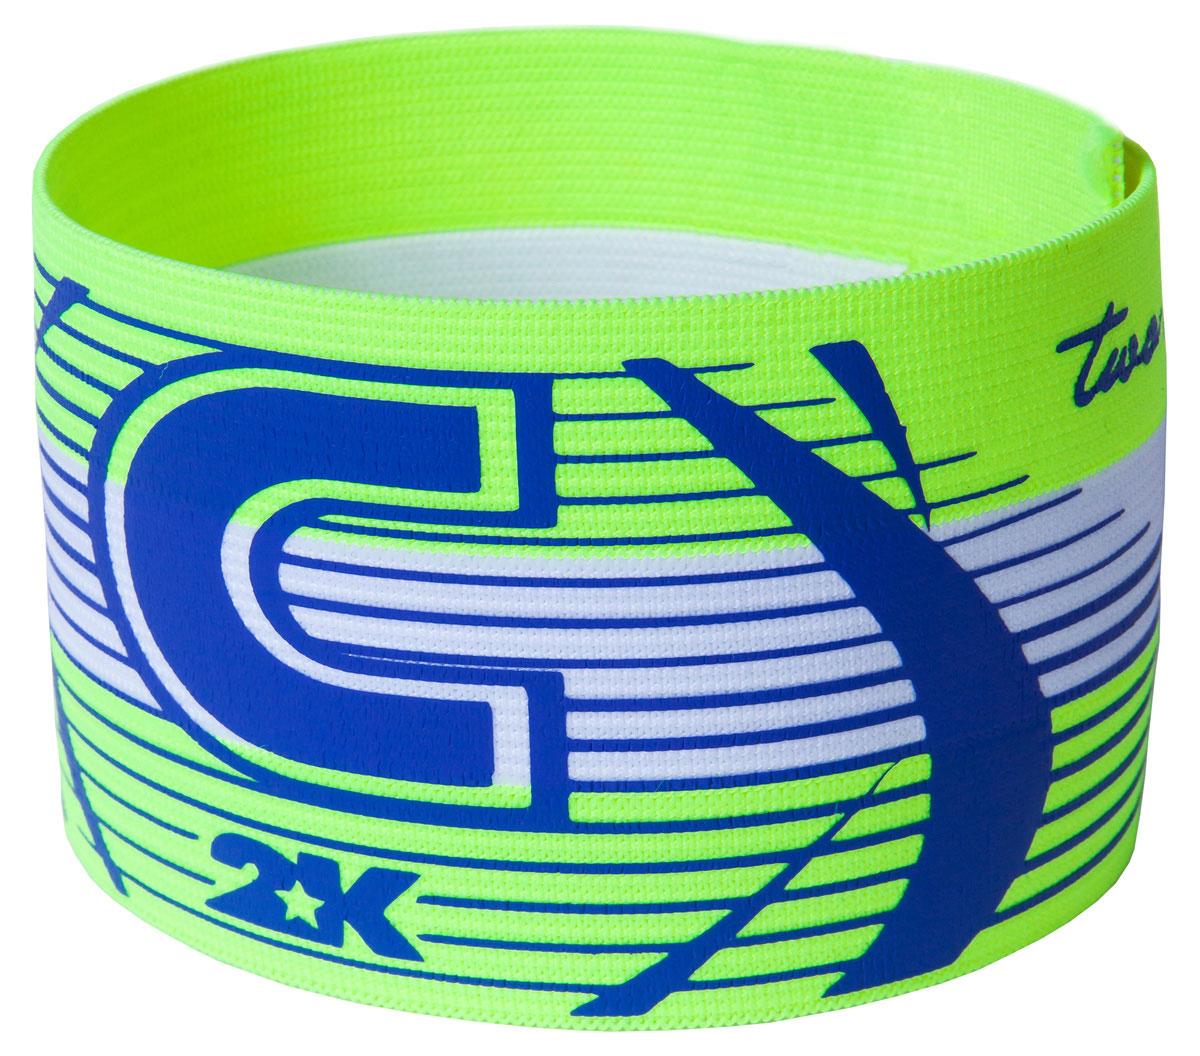 Повязка капитанская 2K Sport Captain, цвет: светло-зеленый, голубой 2k sport 2k sport fenix pro cotton ls